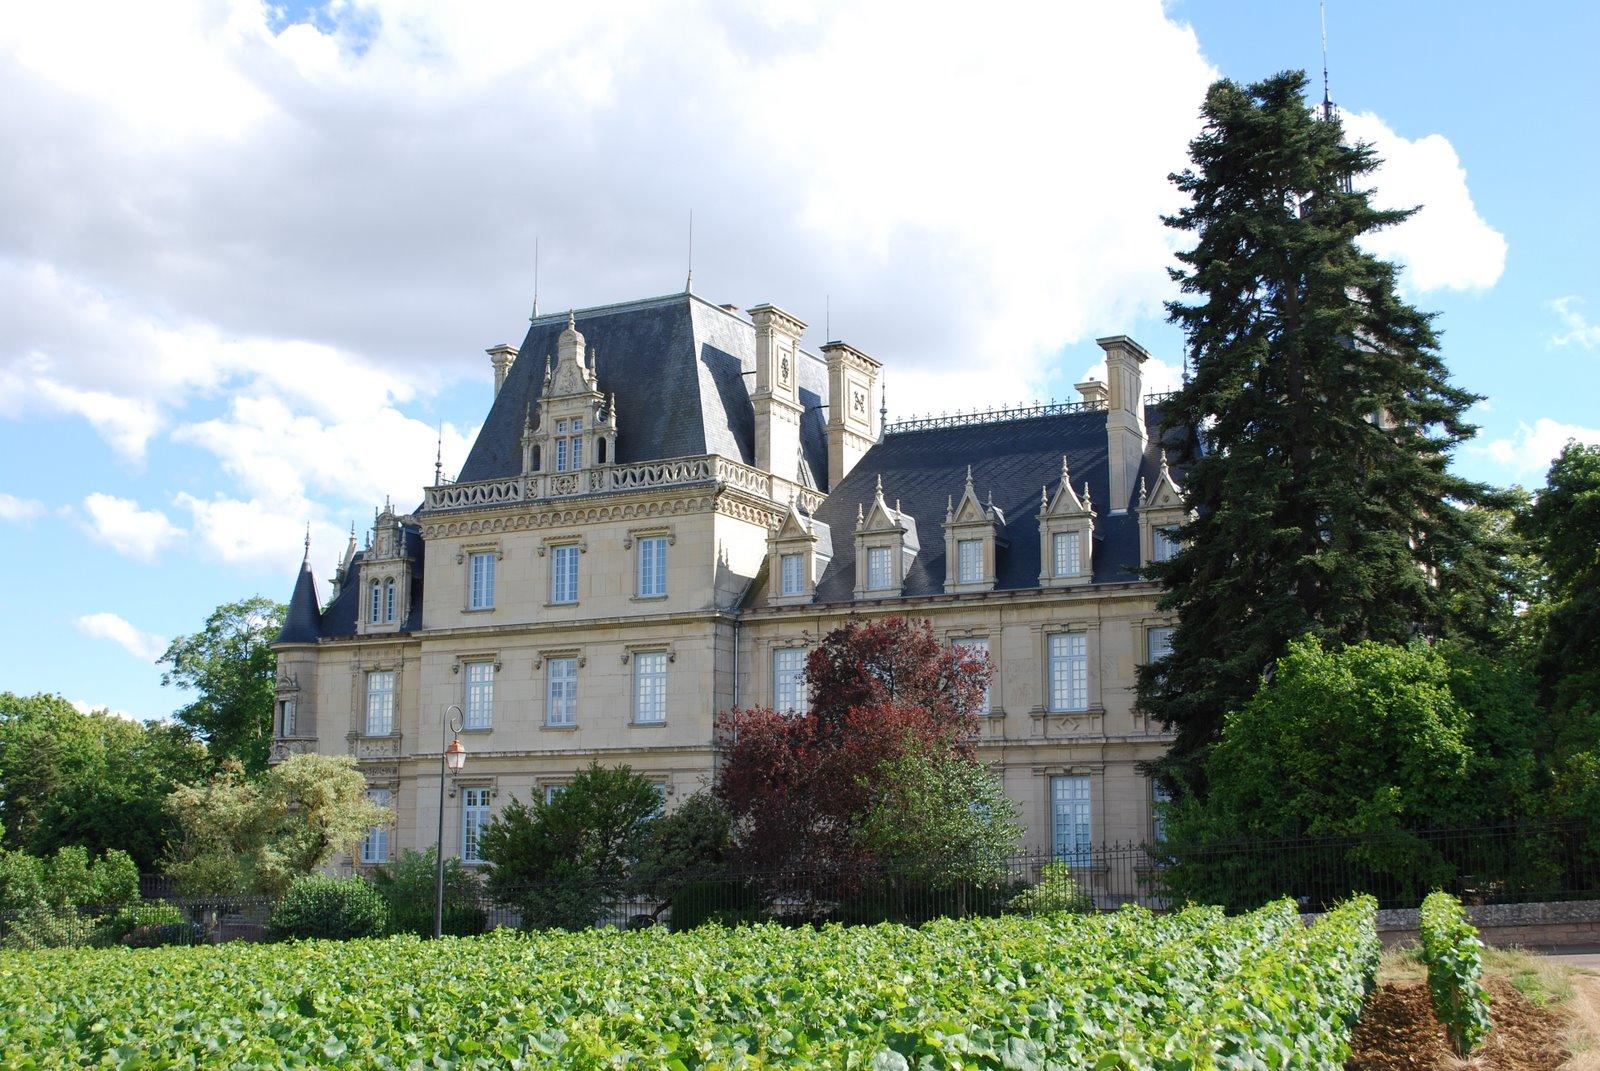 Brochon_-_Château_-_Extérieur_(01)